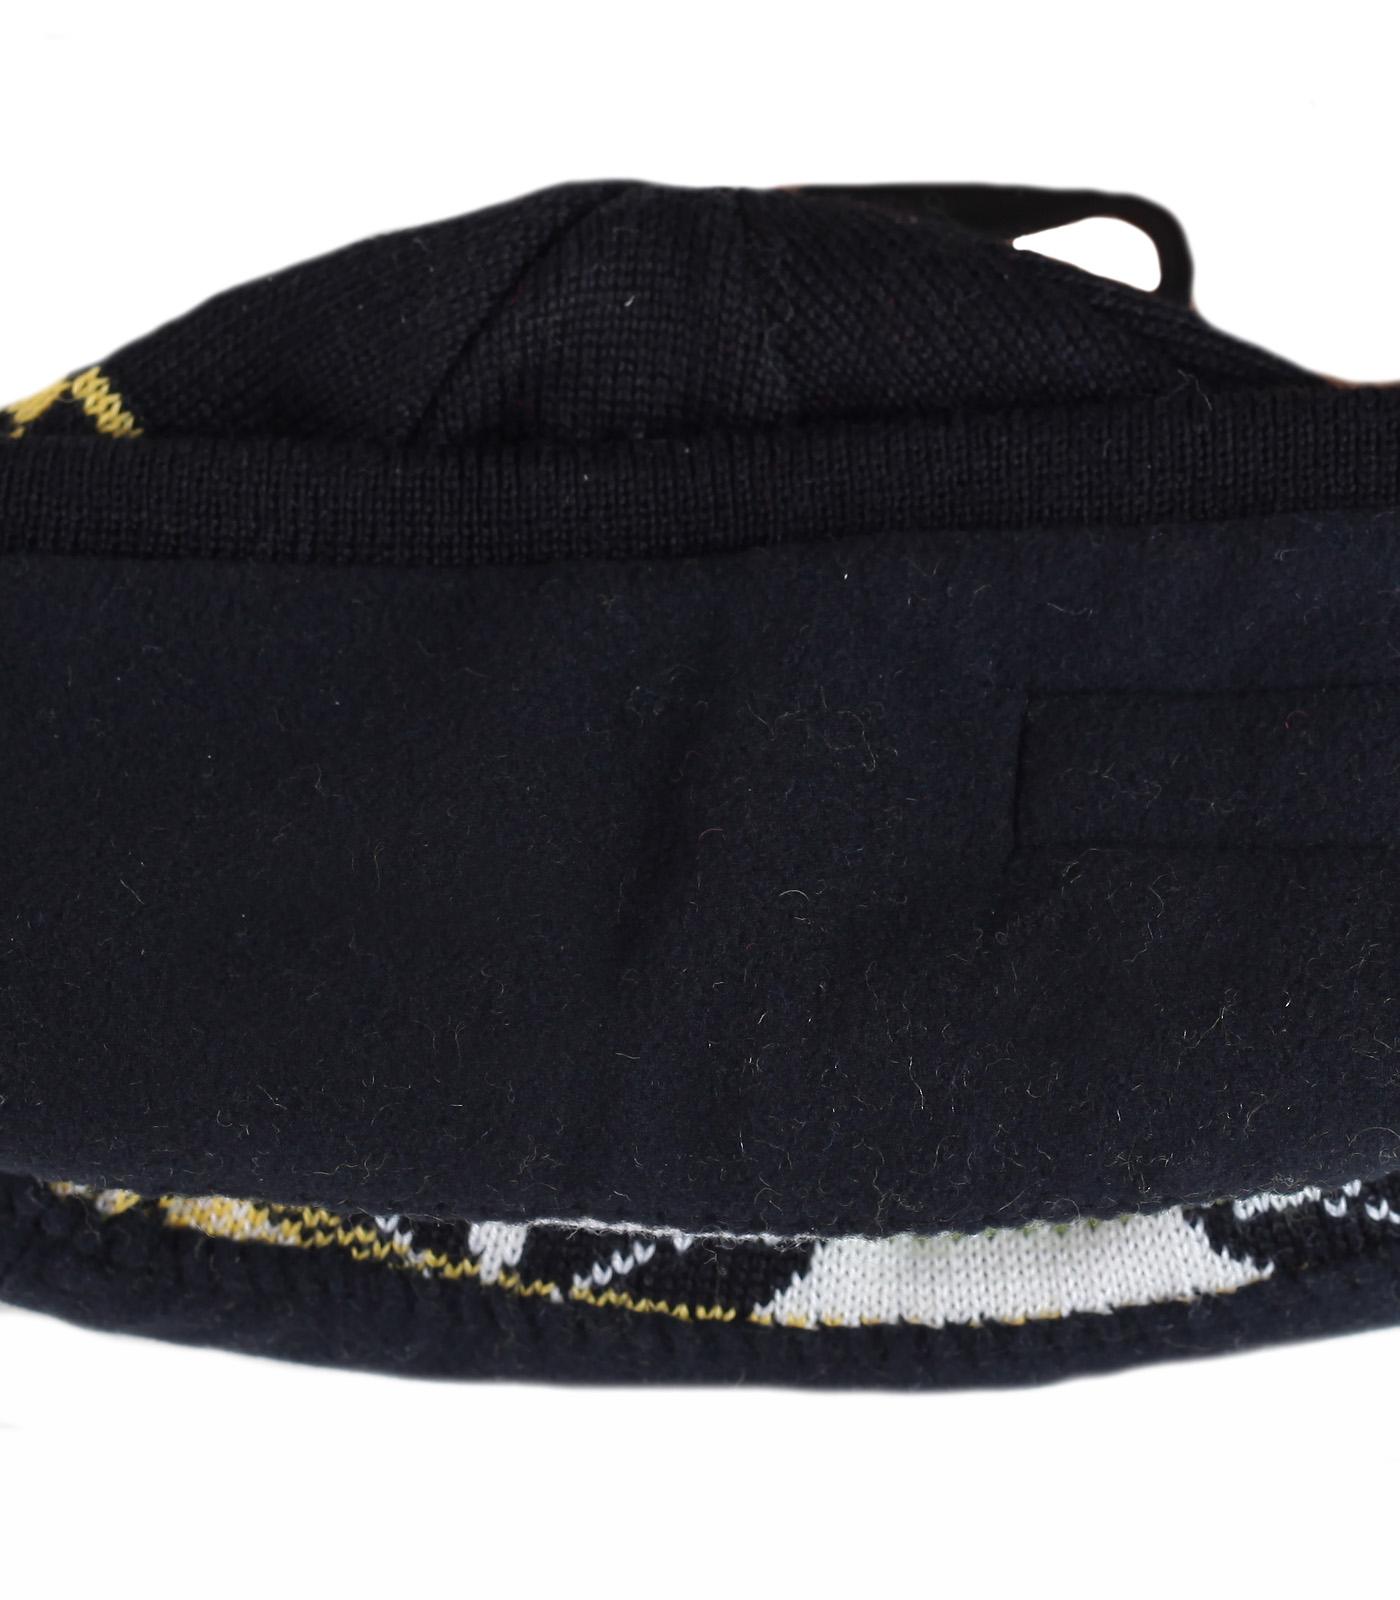 Купить уникальную мужскую шапку Arctic Fox обворожительного дизайна с орнаментом на флисе по лучшей цене